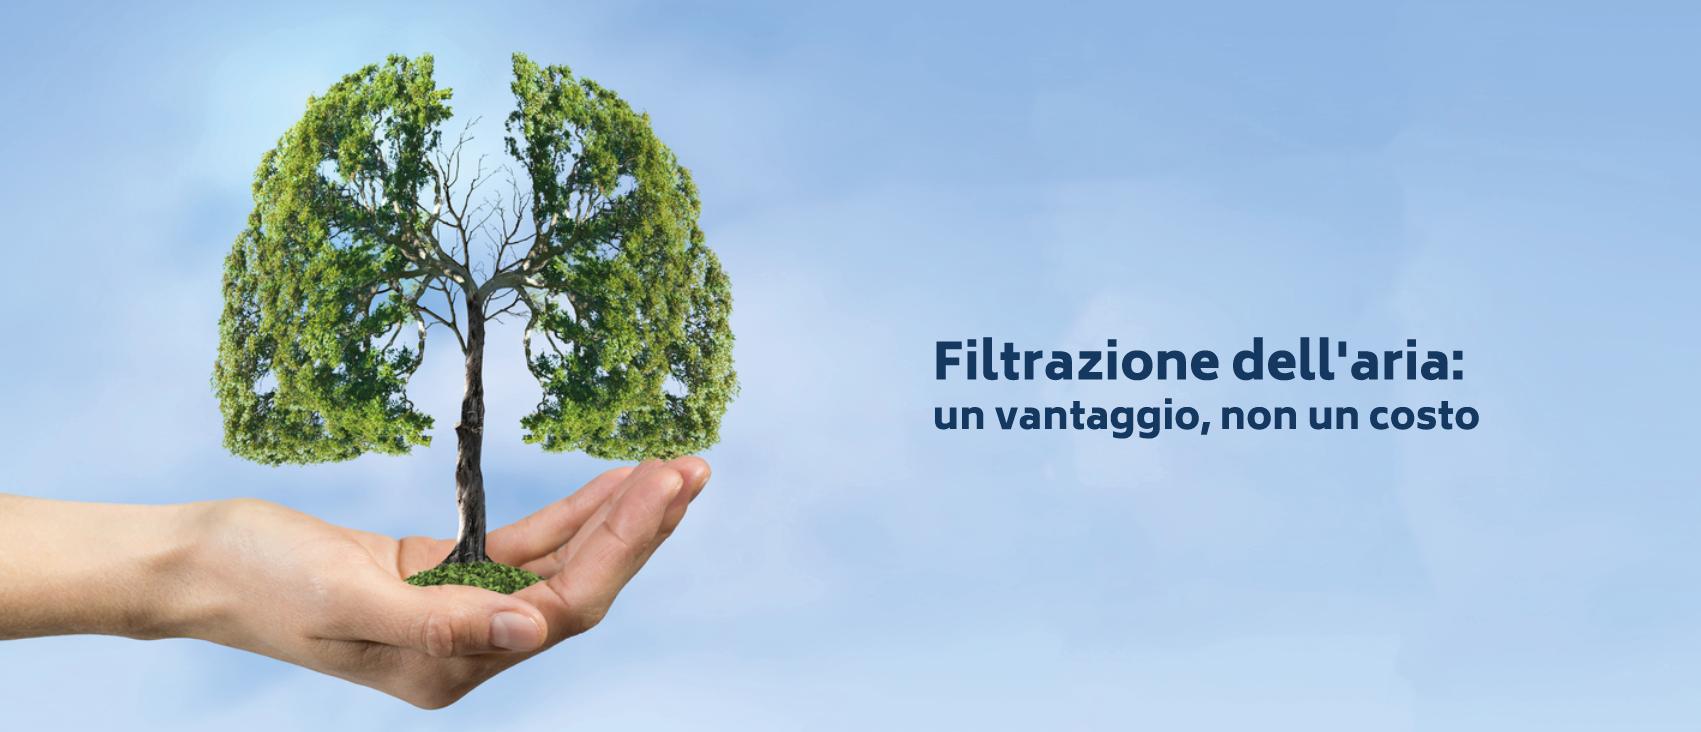 Filtrazione dell'aria: un vantaggio, non un costo